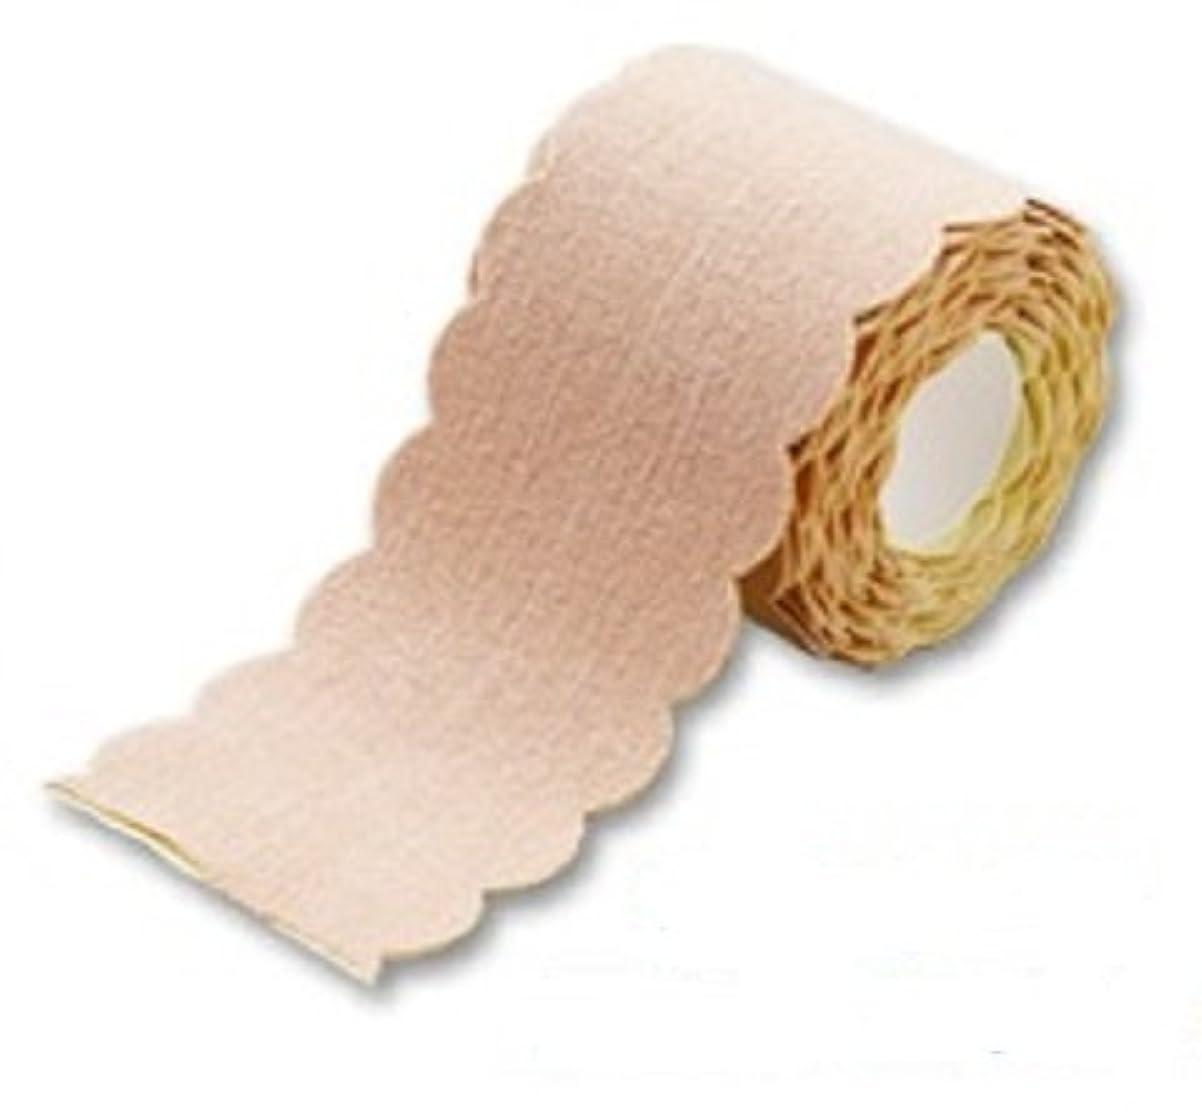 ブランド名王子歌詞汗取りパッド ワキに直接貼る汗とりシート ロールタイプ 3m 直接貼るからズレない?汗シート